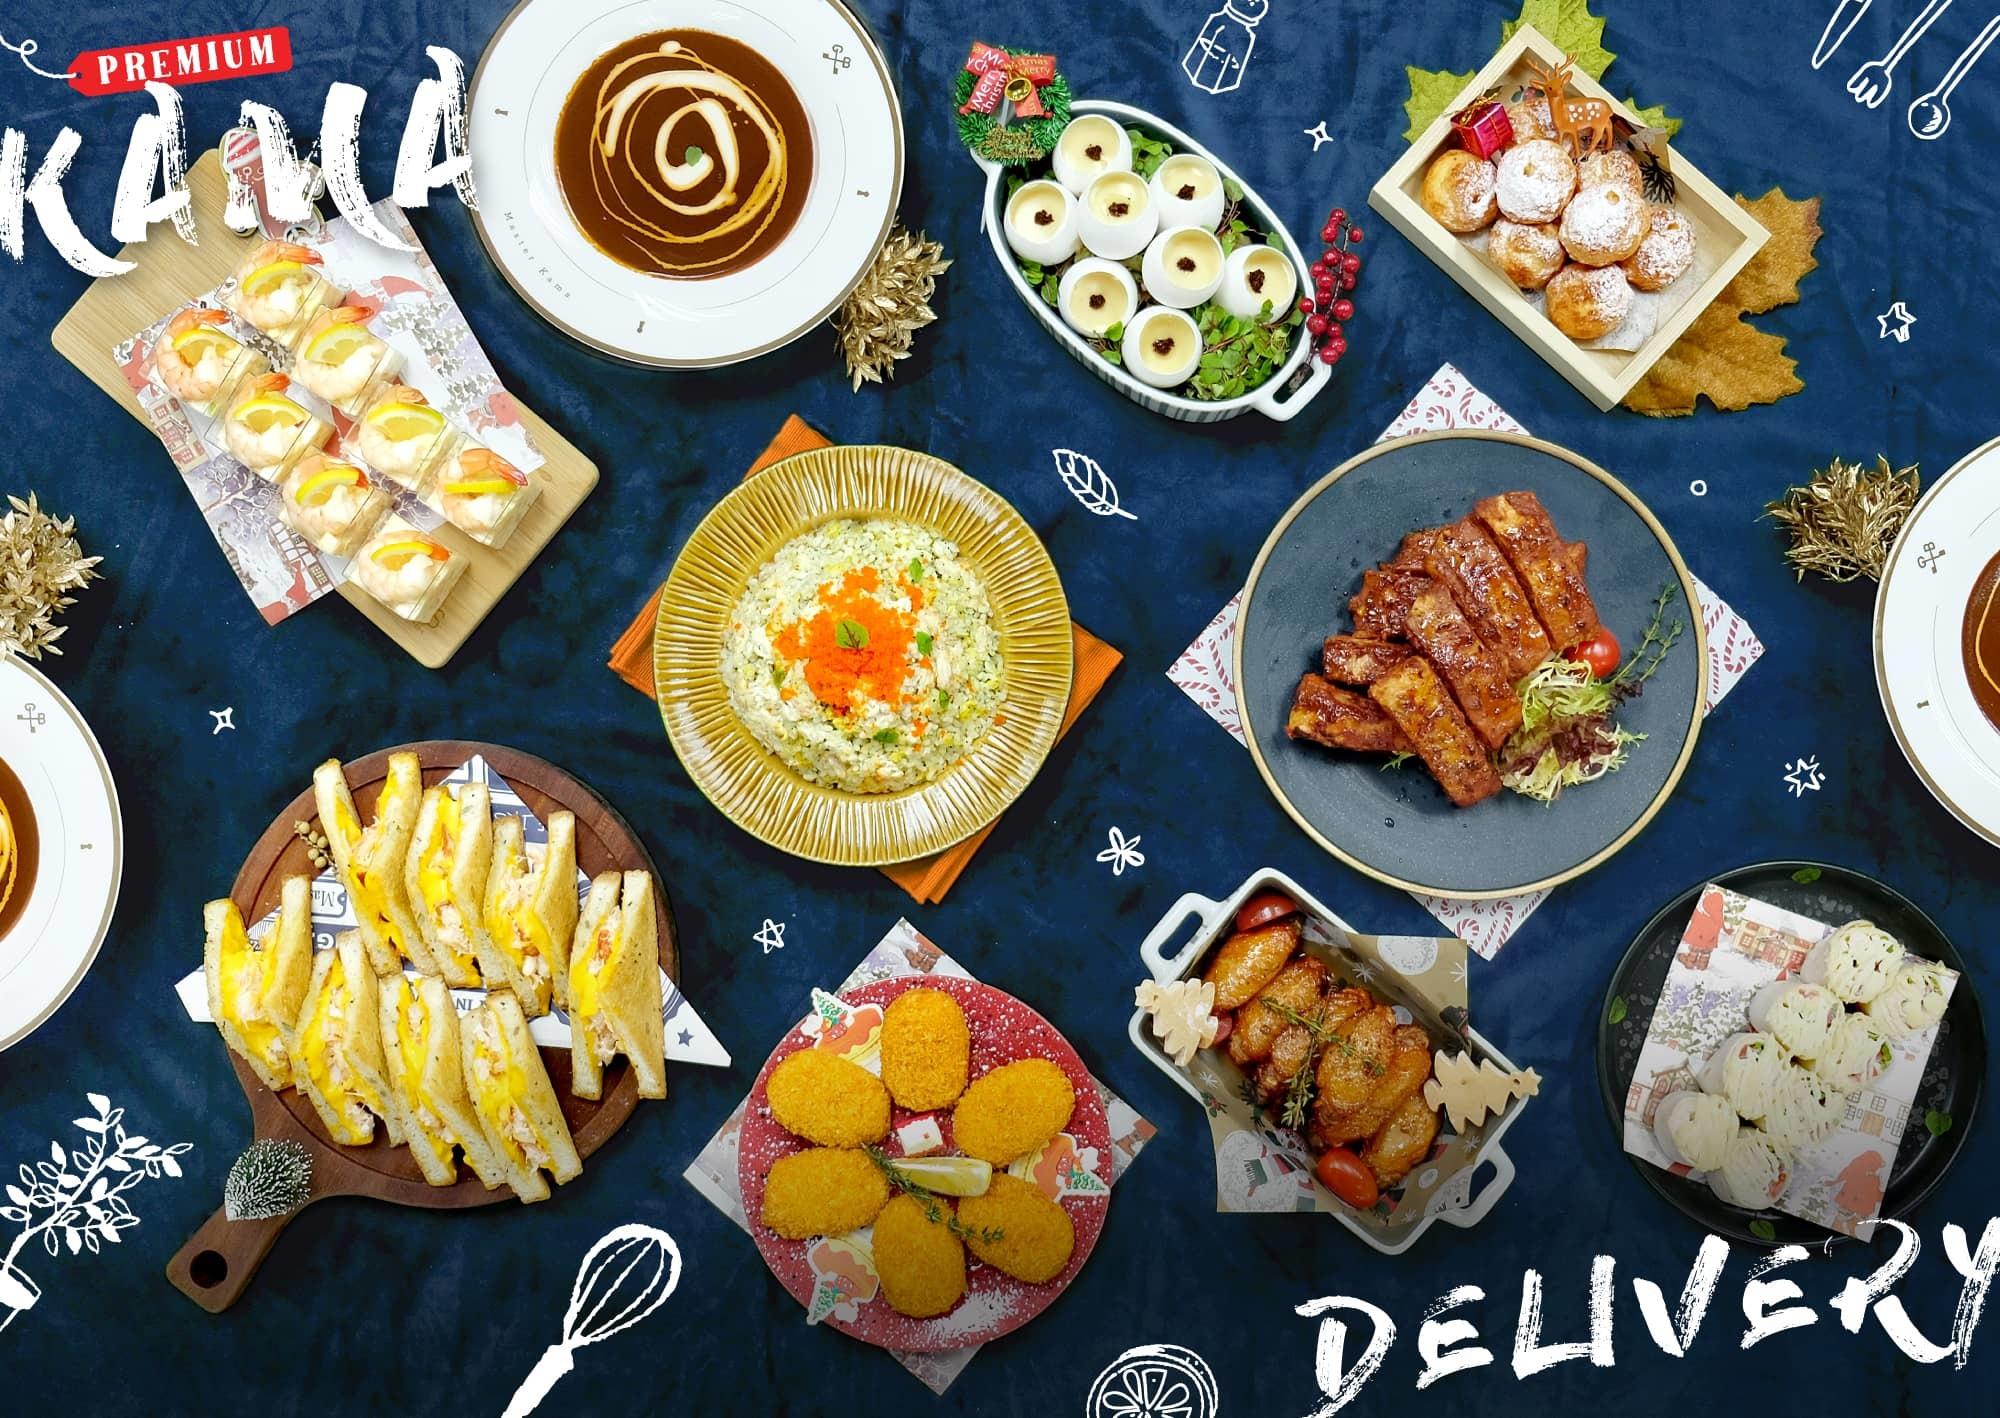 29人到會外賣.推介首選 Kama Delivery美食到會外賣服務提供環球菜式配上優質食材,炮製沙律、一口小食、精緻主菜、海鮮、甜品、自家製飲品等多款主題菜單,每次都新鮮制作,而且嚴格監控食物衛生品質,絕對可以放心享用,並專享各種優惠及回贈!